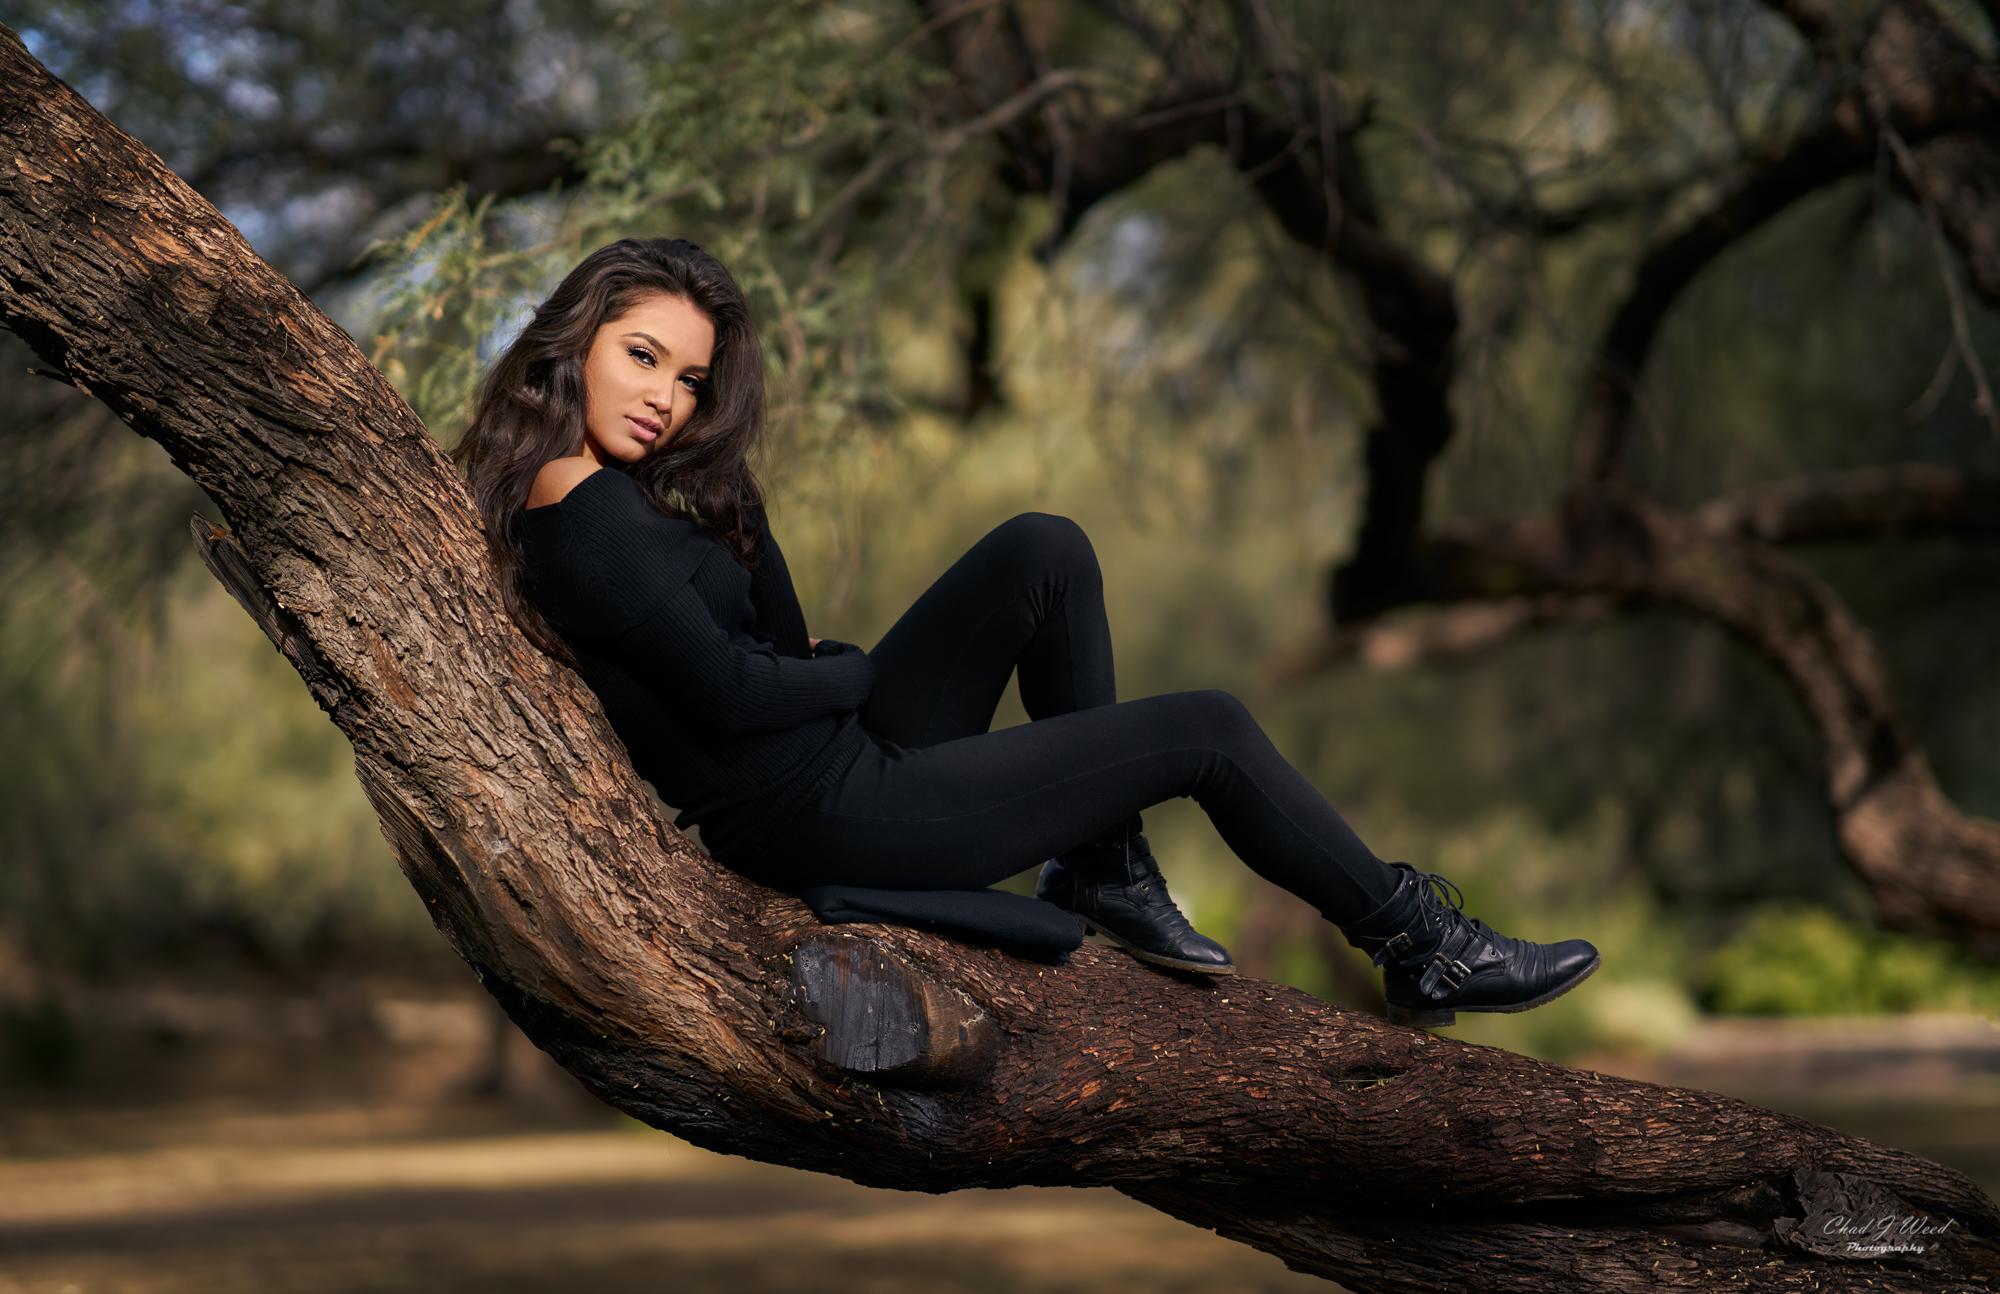 Zari Fashion Model at Saguaro Lake by Arizona Fashion Portrait Photographer Chad Weed